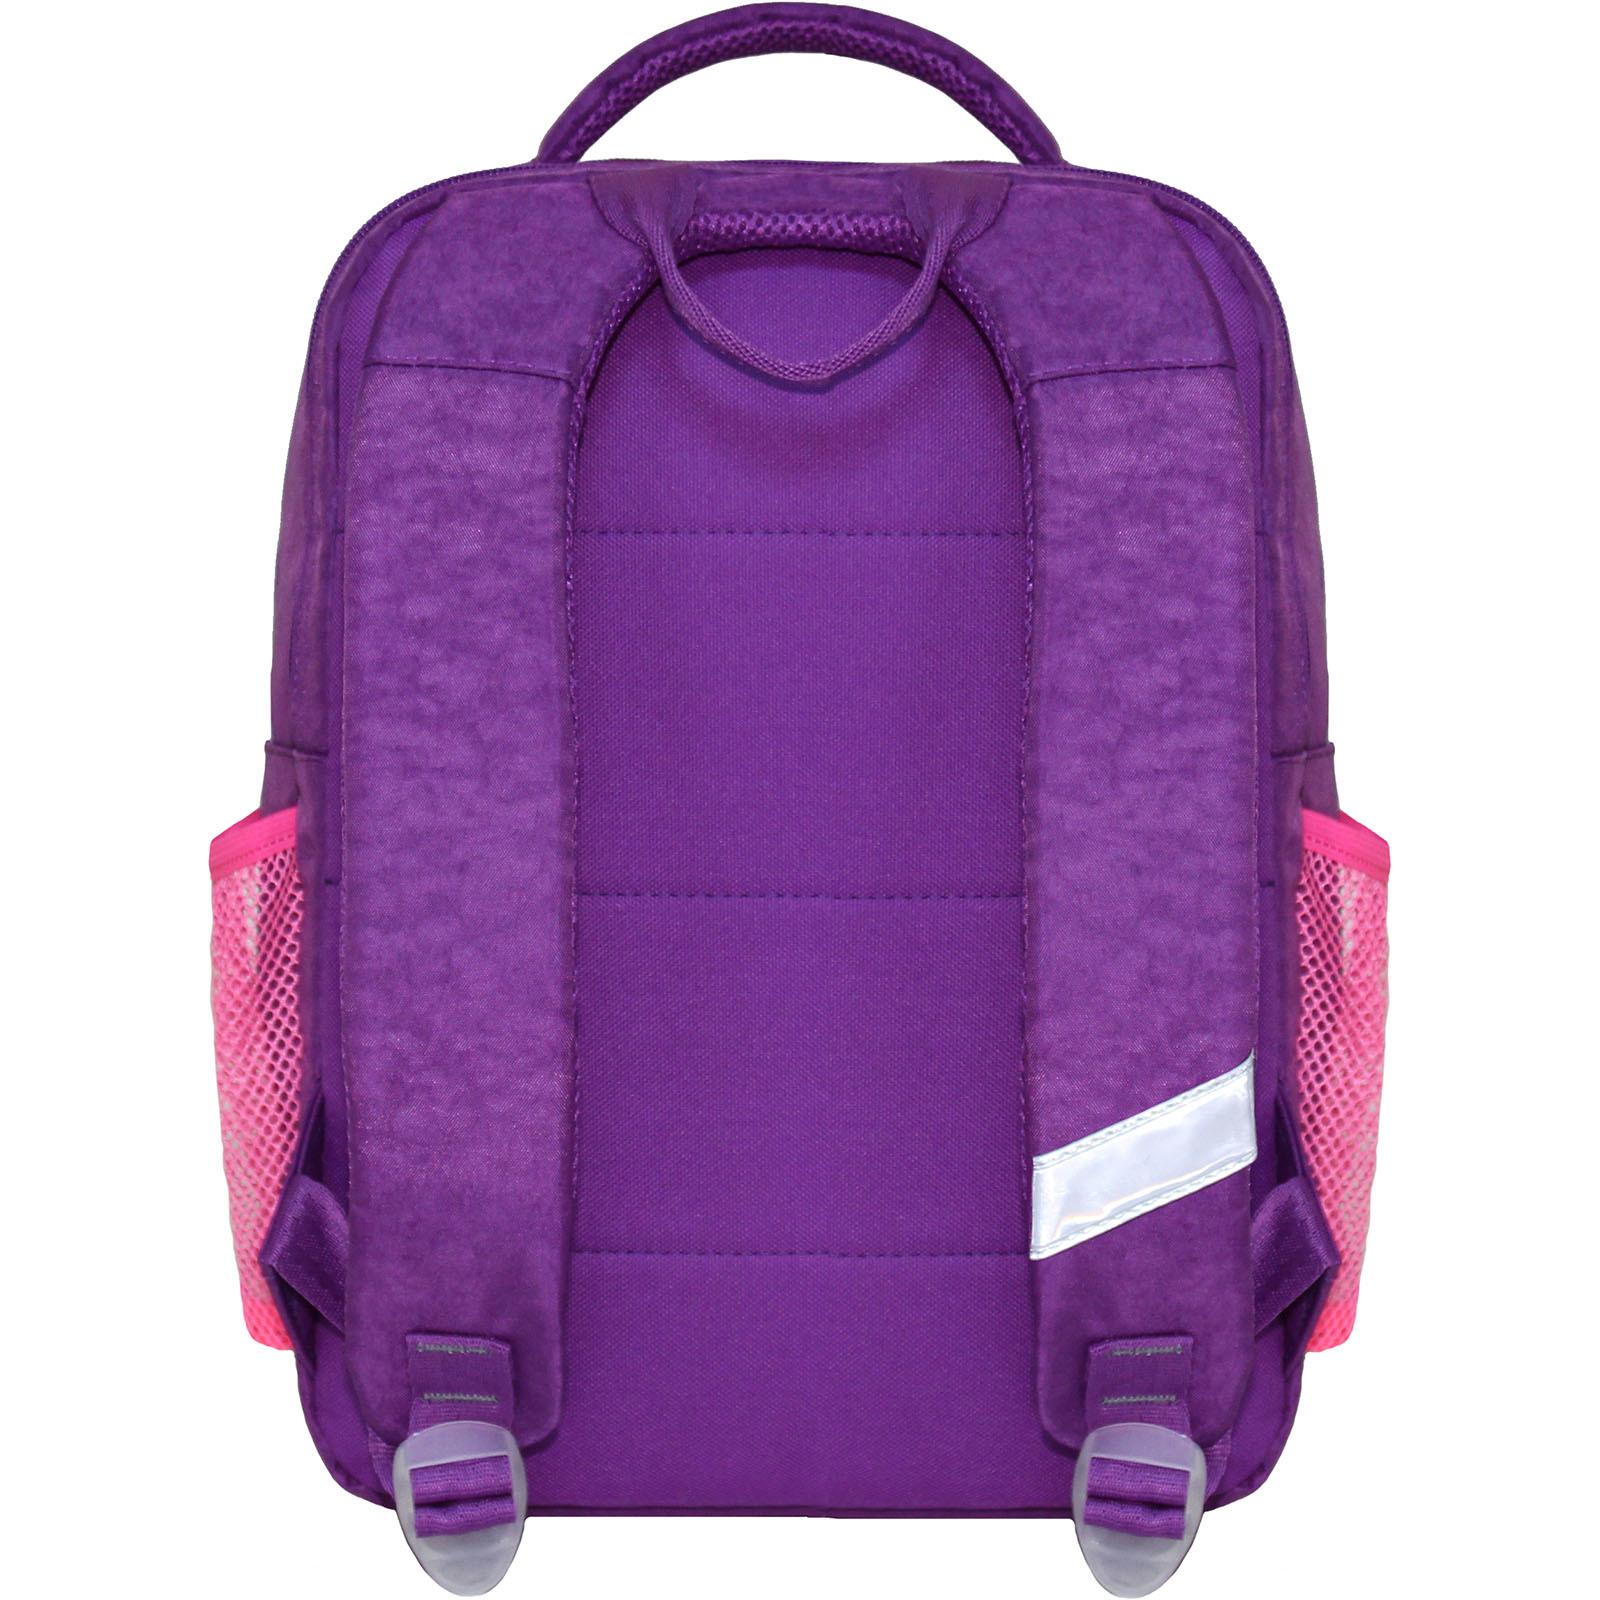 Рюкзак школьный Bagland Школьник 8 л. 339 фiолетовий 409 (00112702)